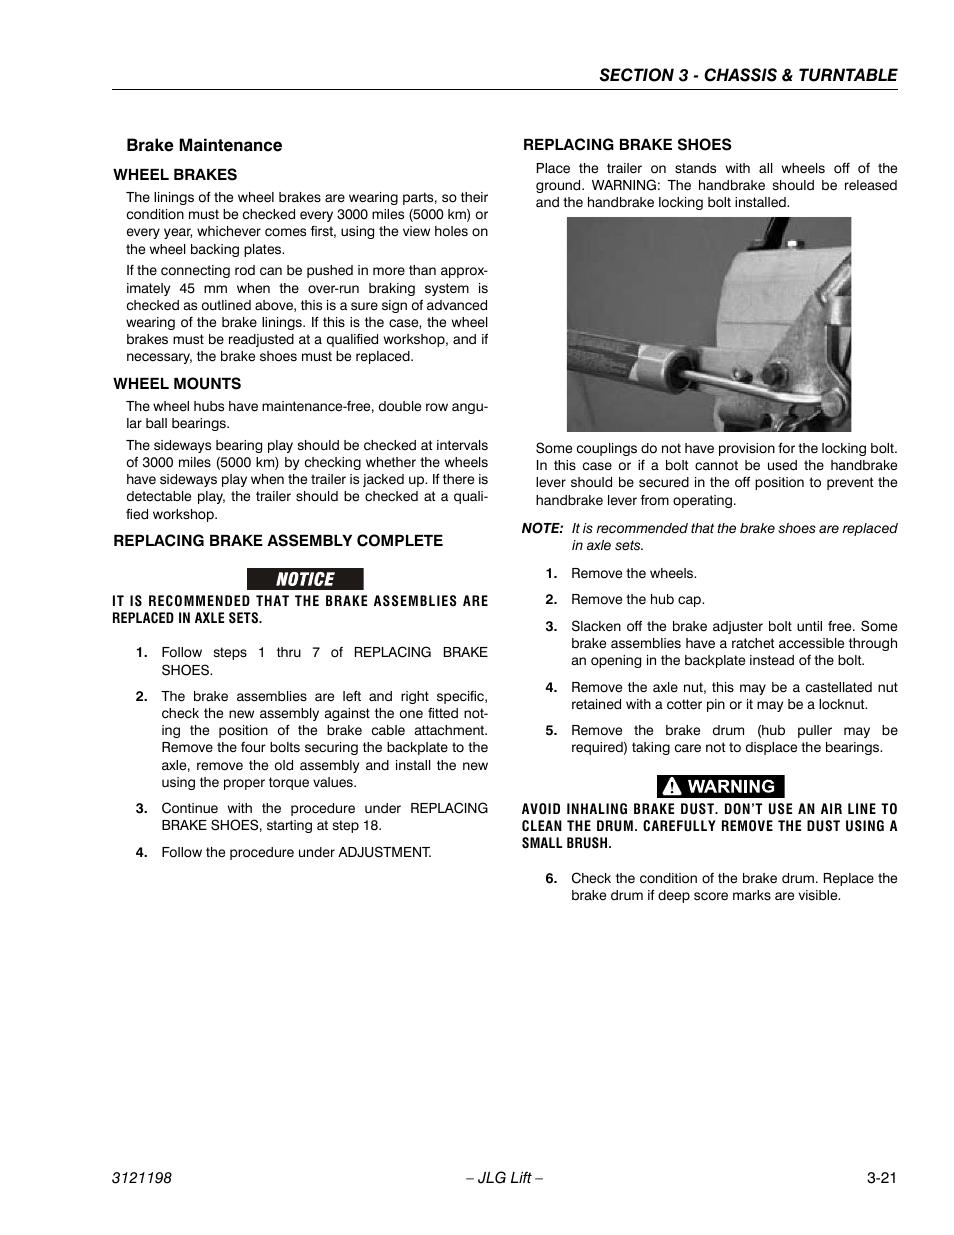 Brake Maintenance  Brake Maintenance